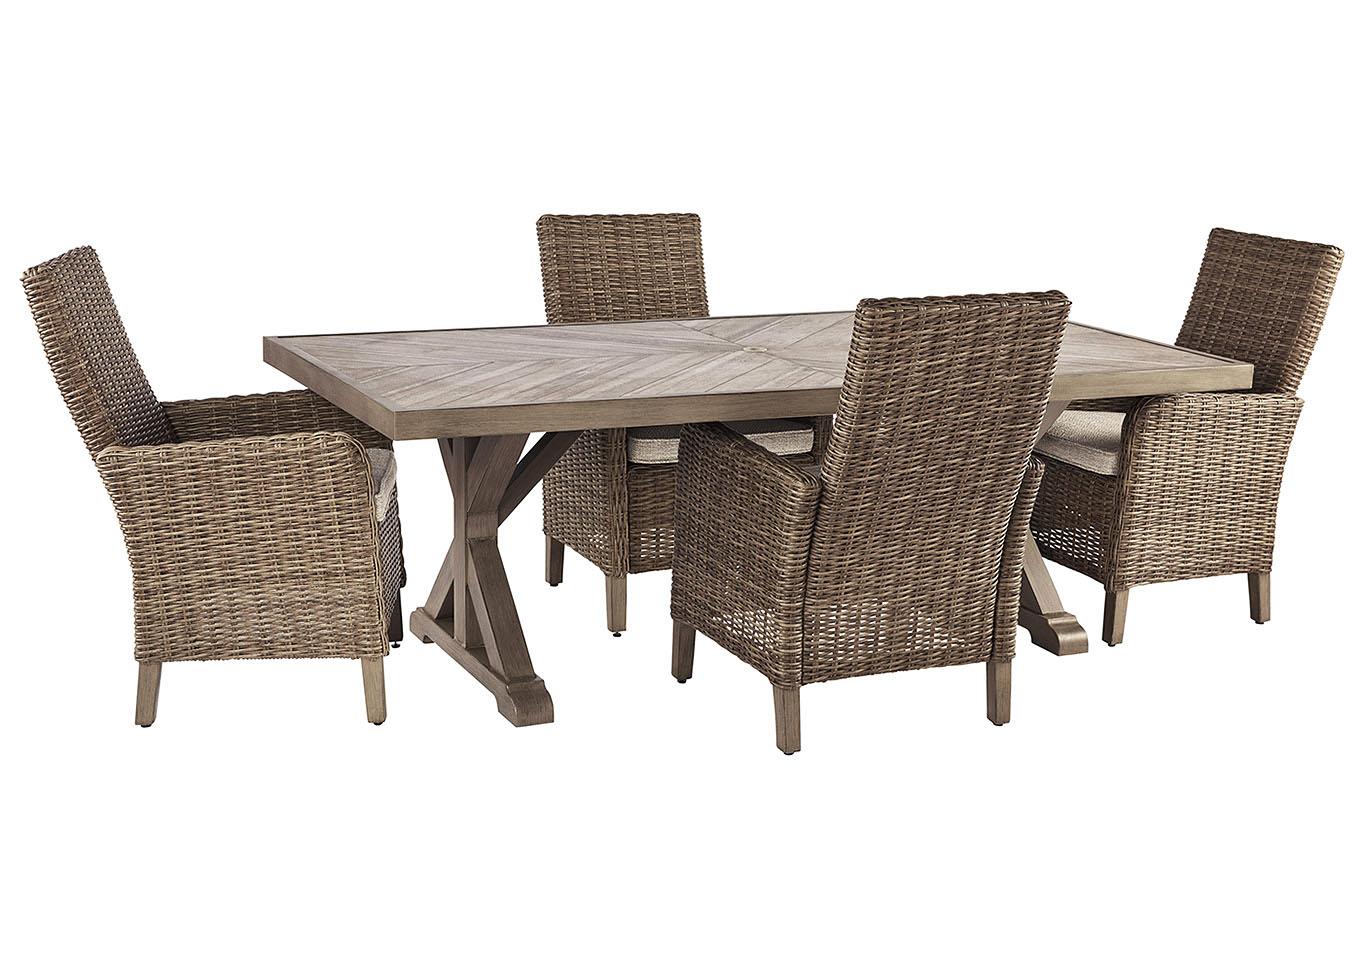 Beachcroft Обеденный стол и 4 кресла